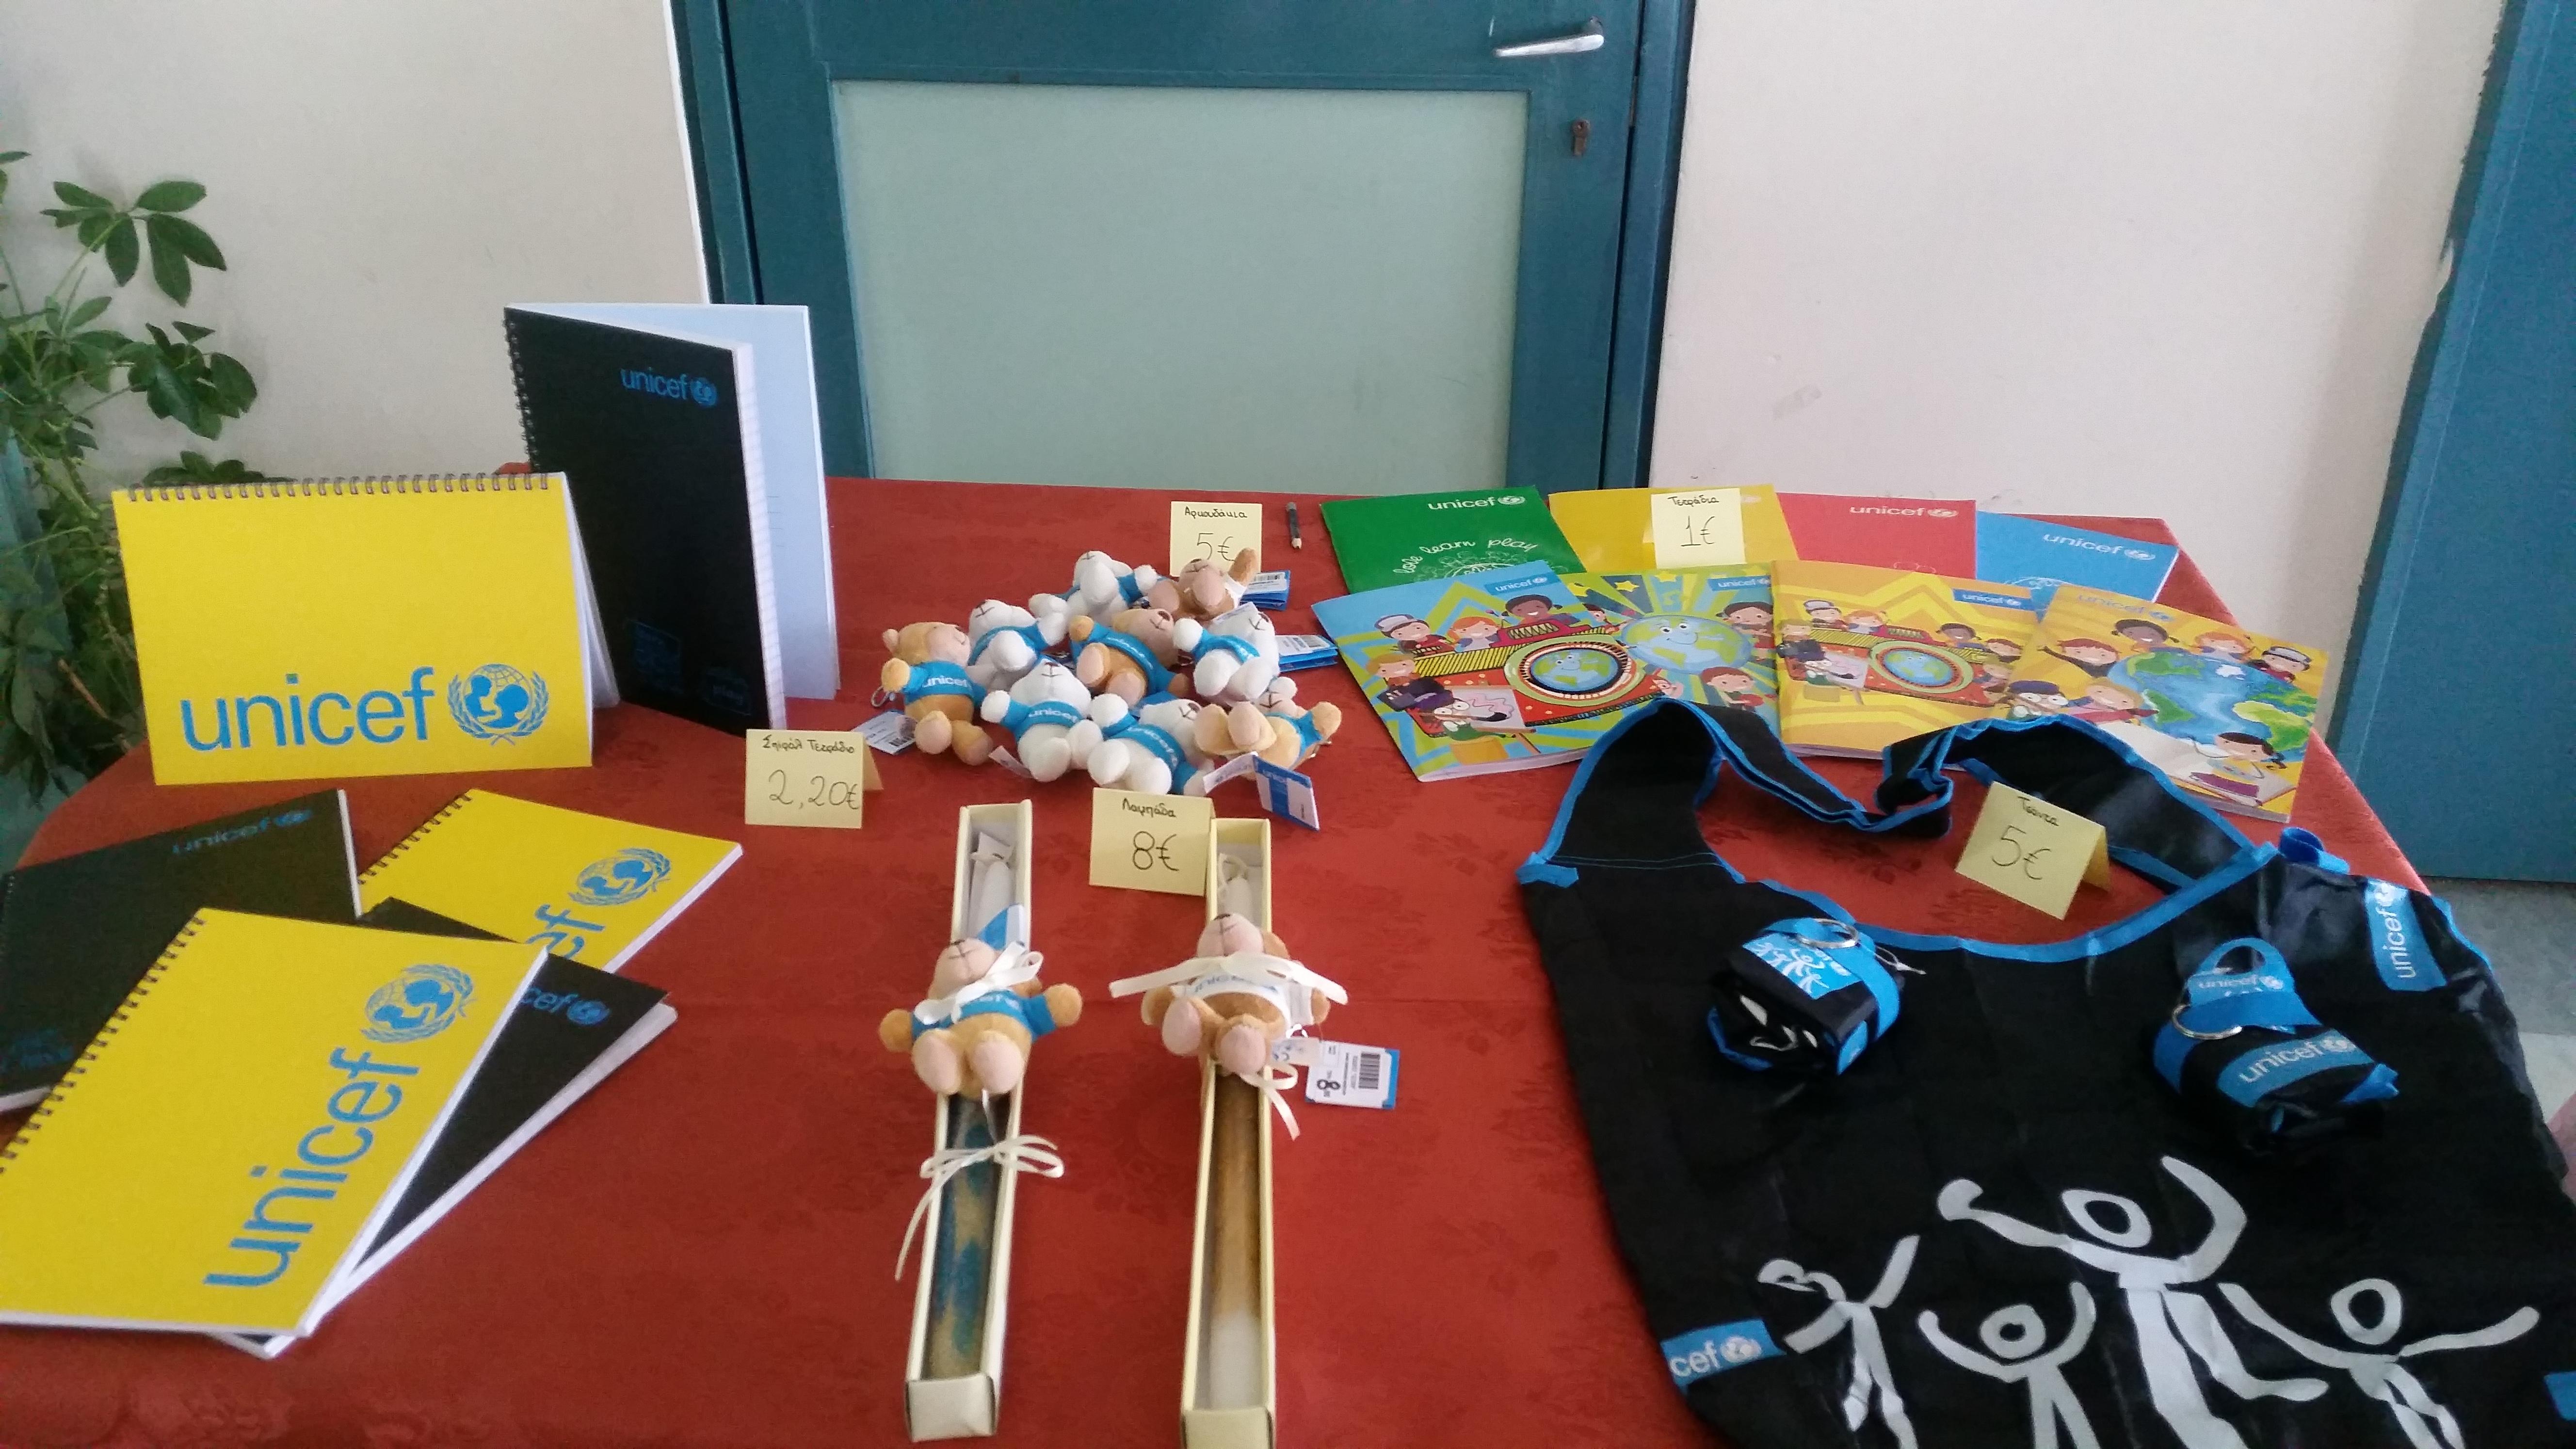 Βazaar Μαρτίου για τα παιδιά της Unicef